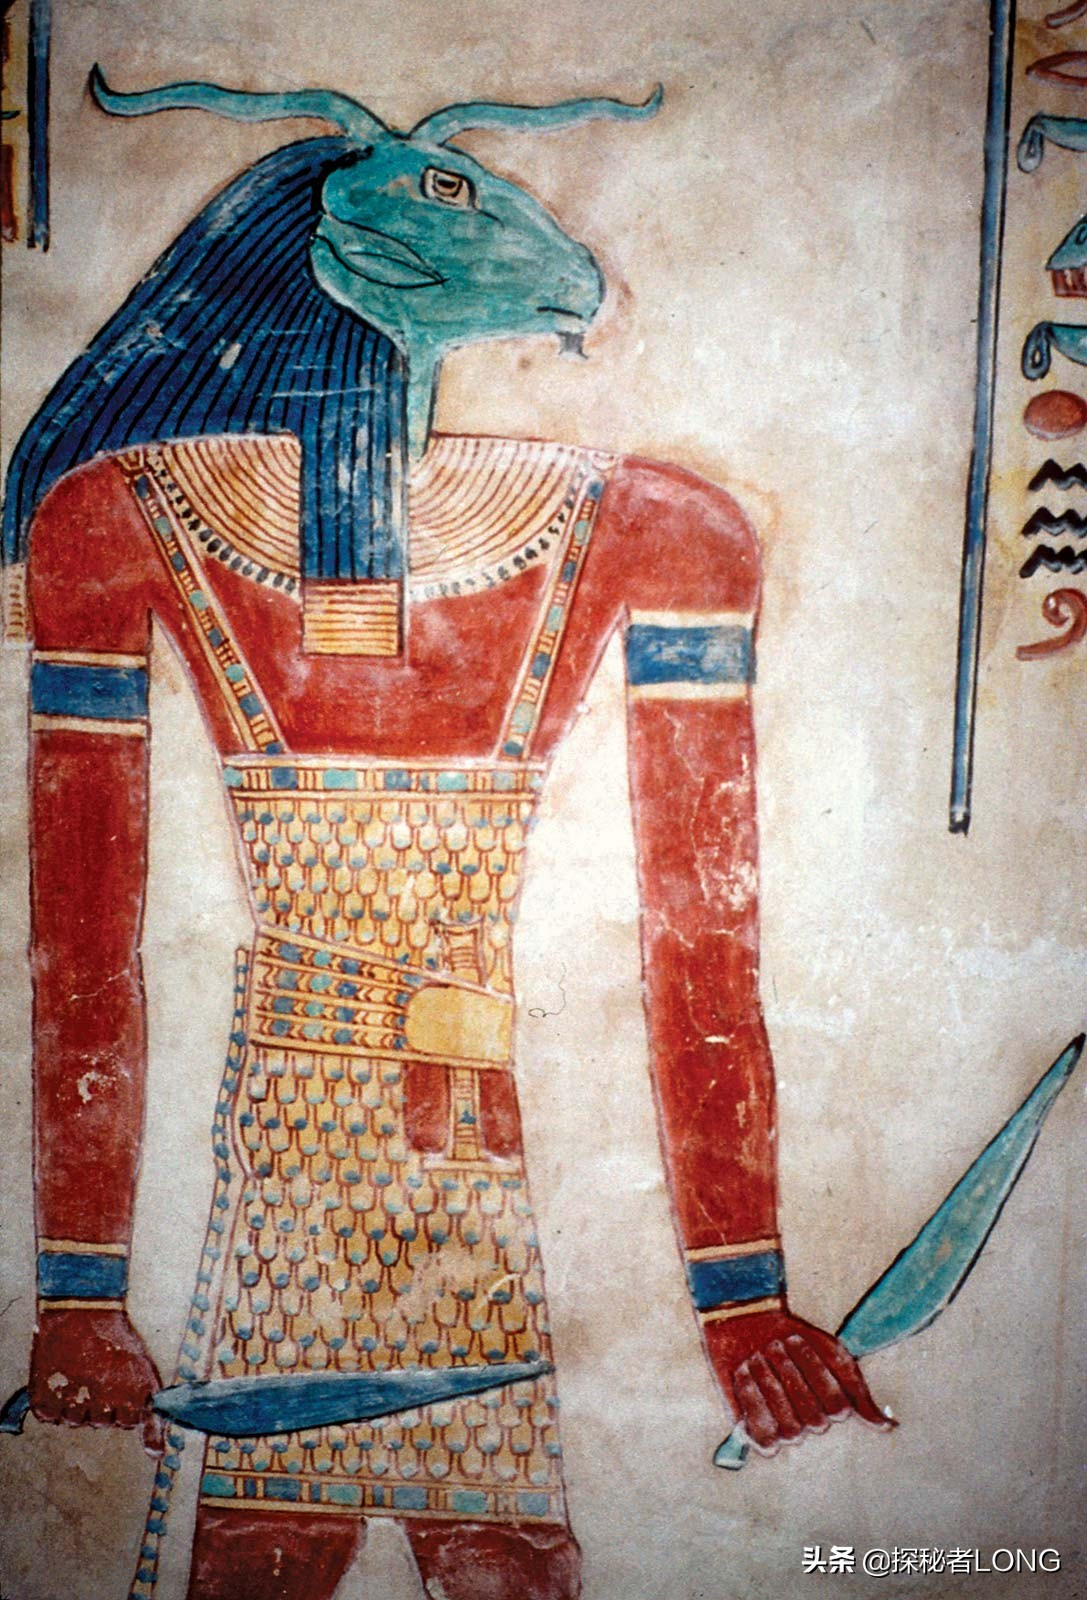 埃及最大的胡夫金字塔,里面长什么样子?内部结构全面探秘